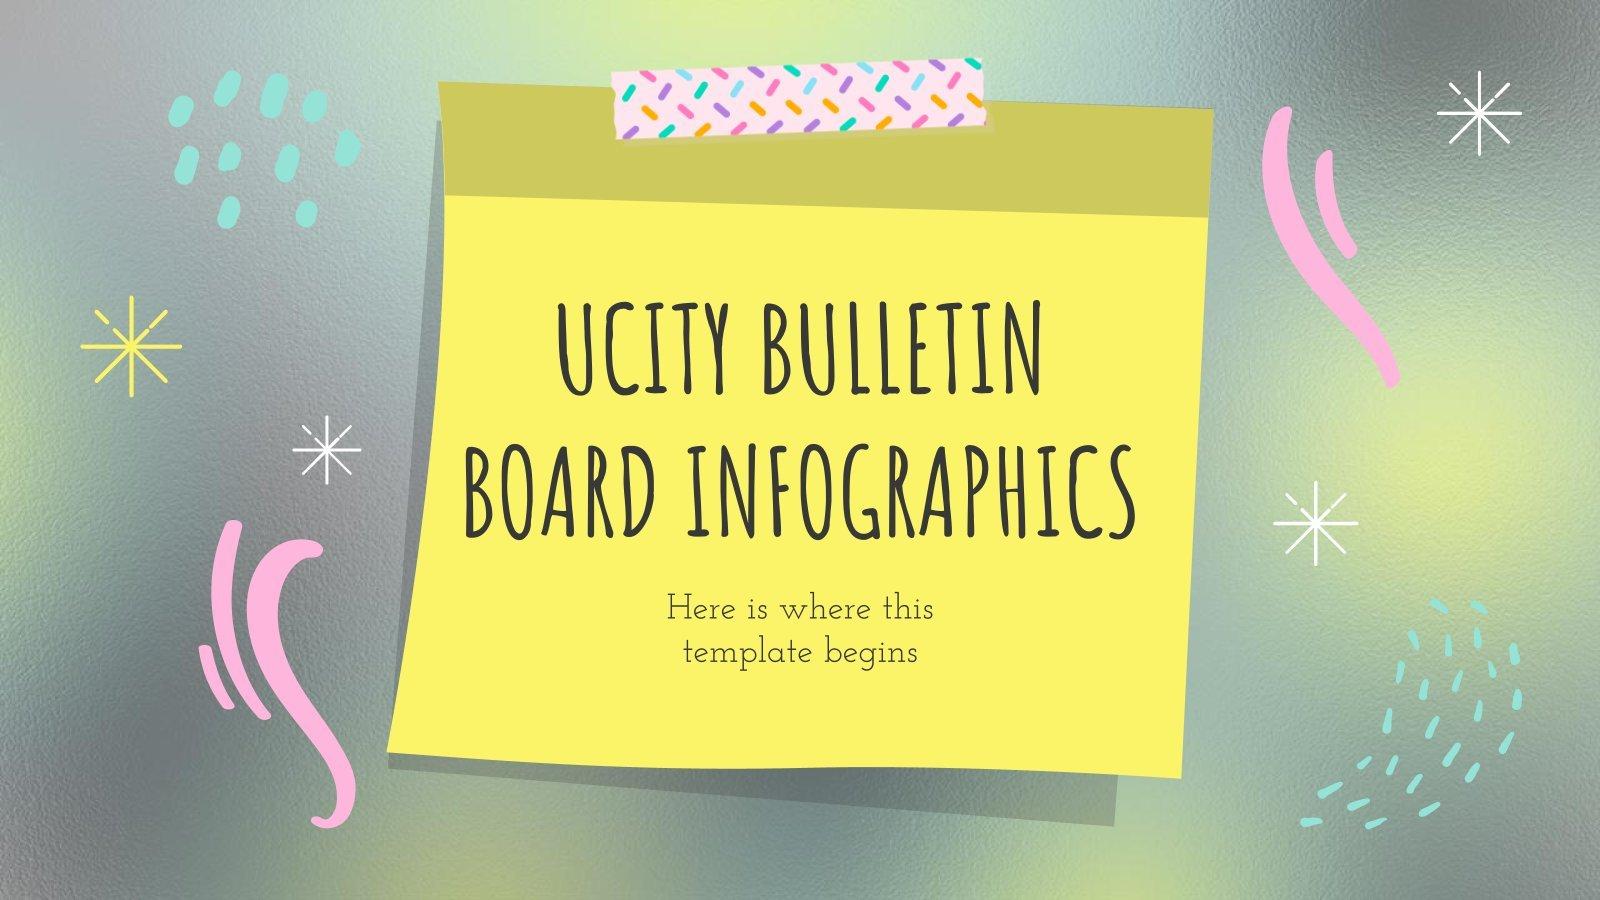 Plantilla de presentación Infografías tablón de anuncios Ucity